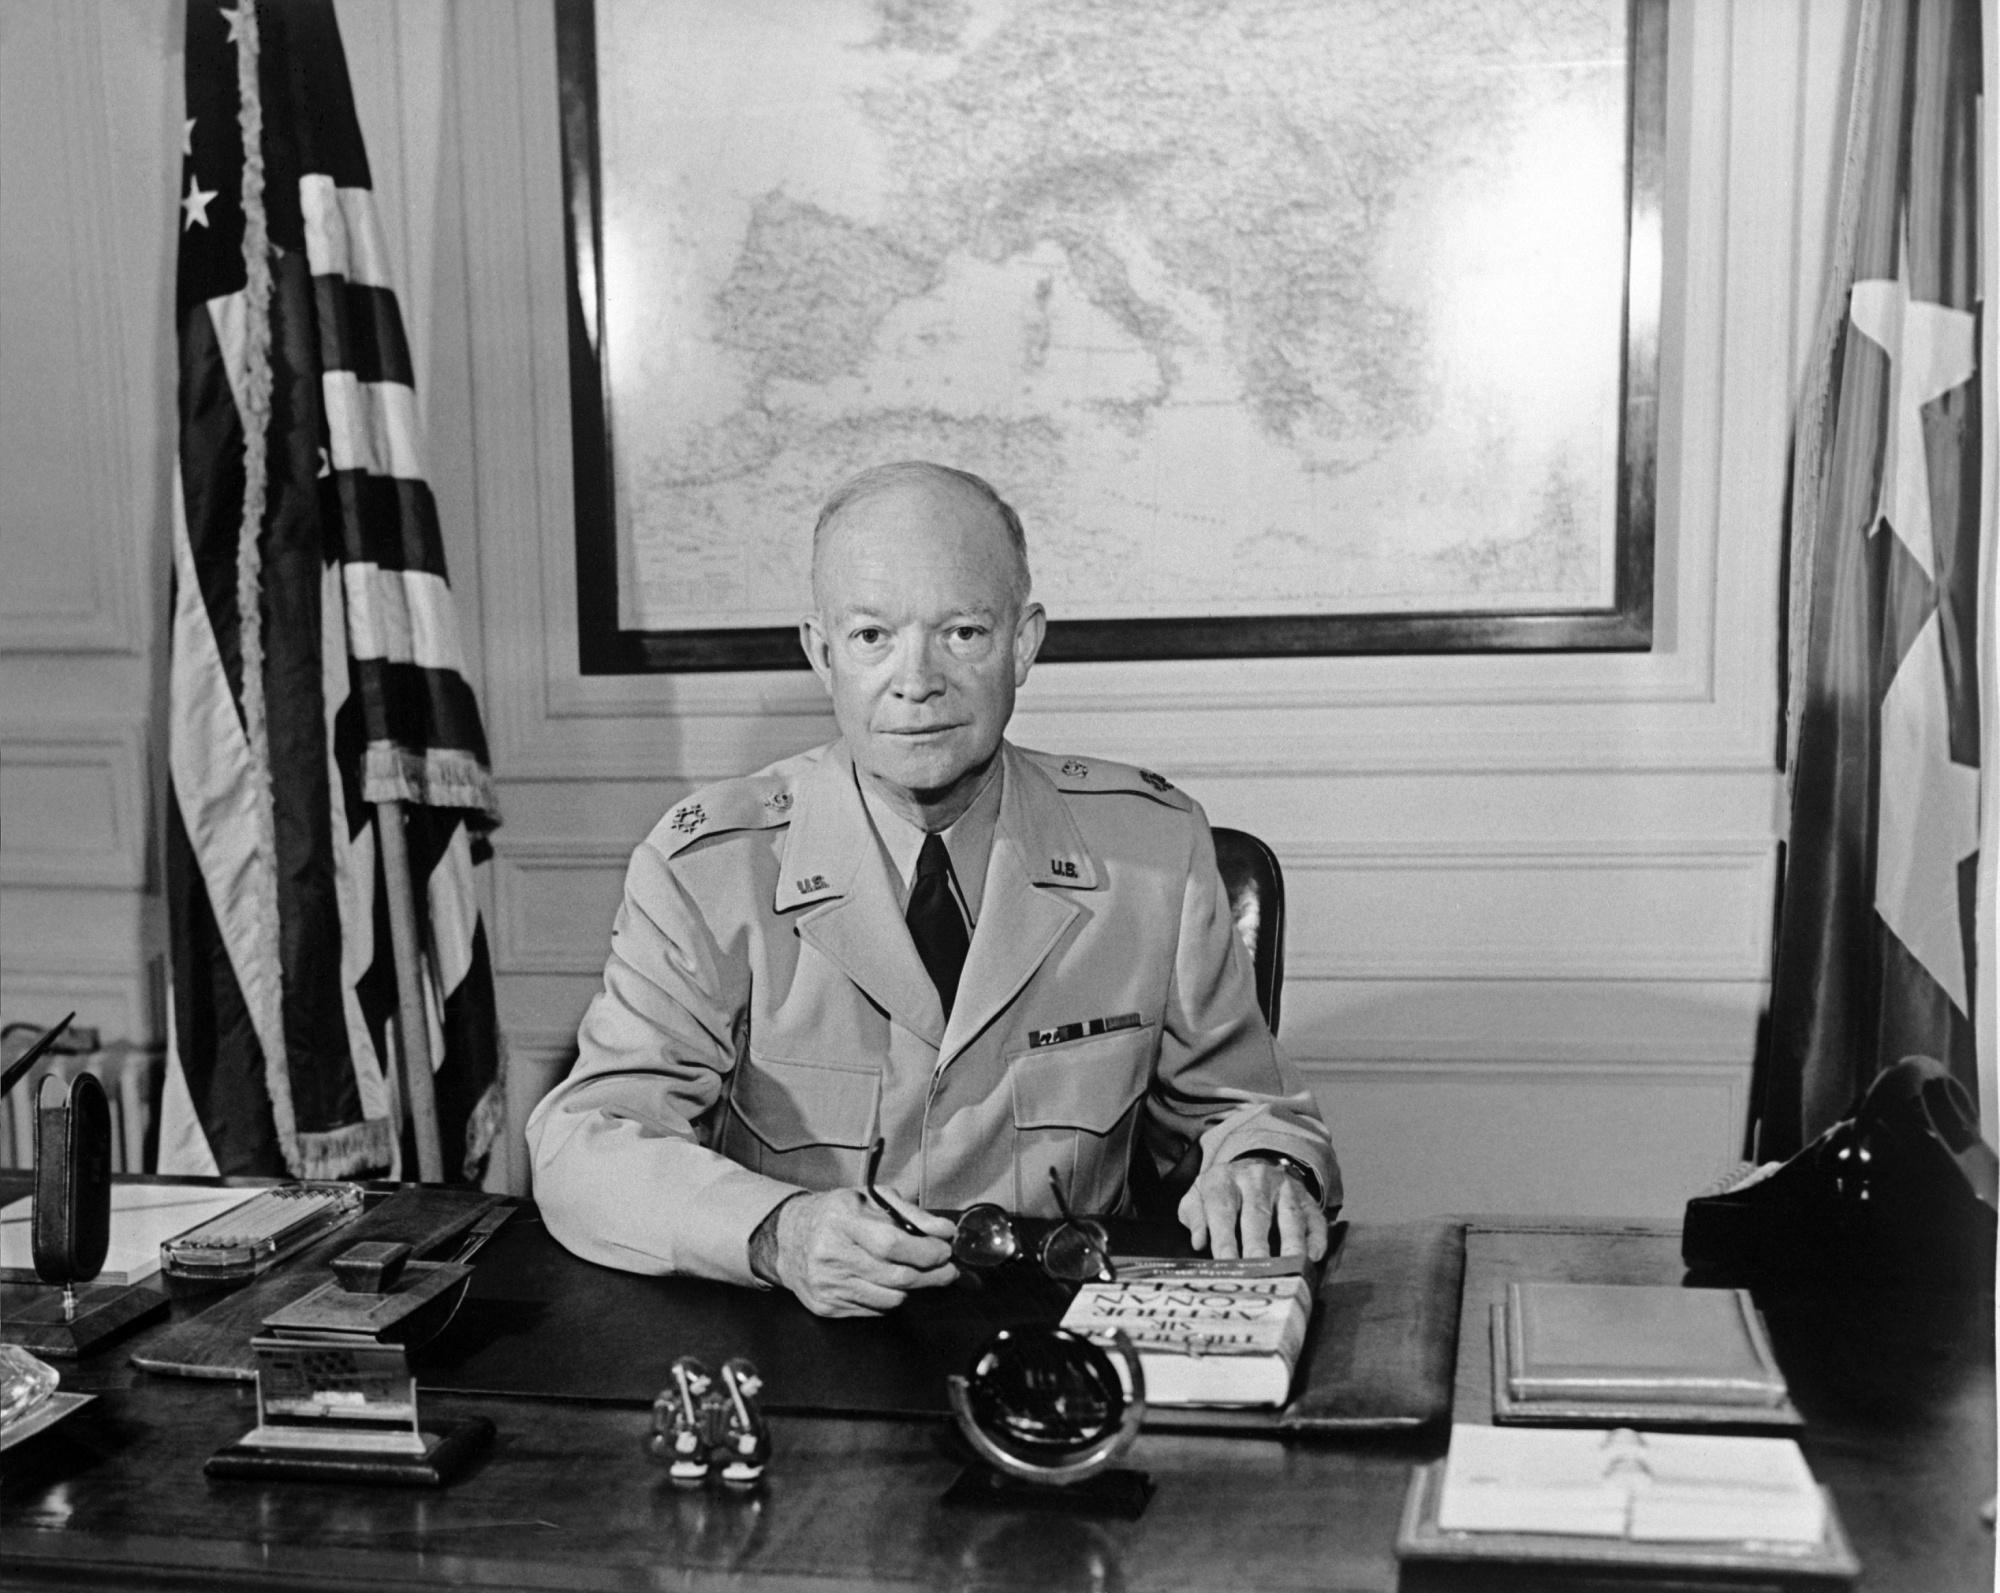 Il y a plus d'un demi-siècle, le président Eisenhower prévenait du danger que représente le complexe militaro-industriel